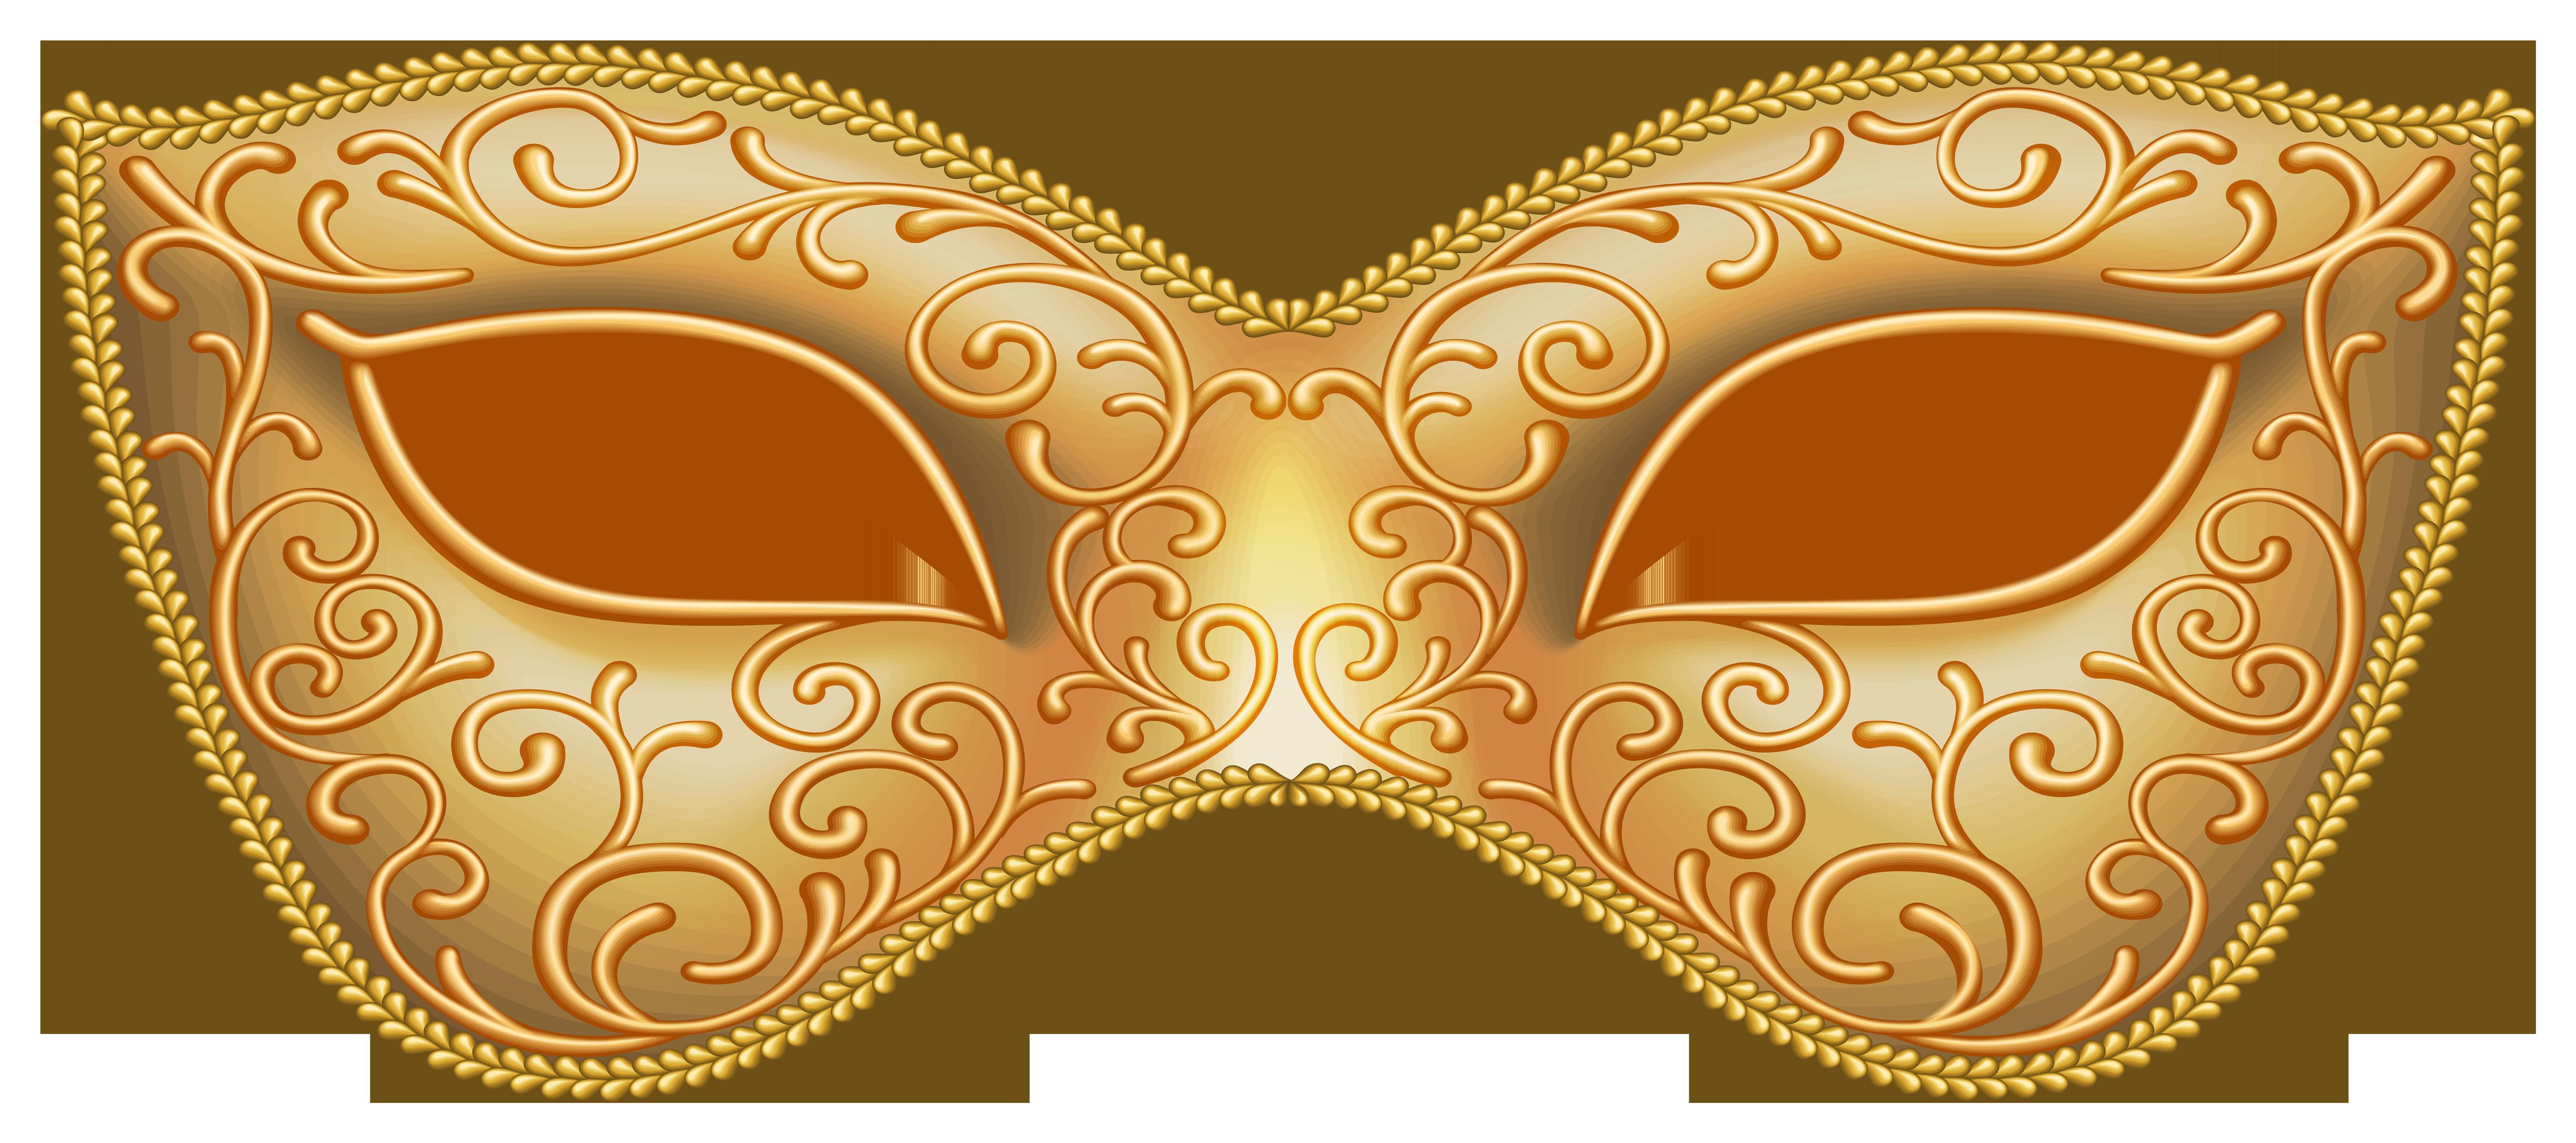 Gold Carnival Mask Transparent Image.